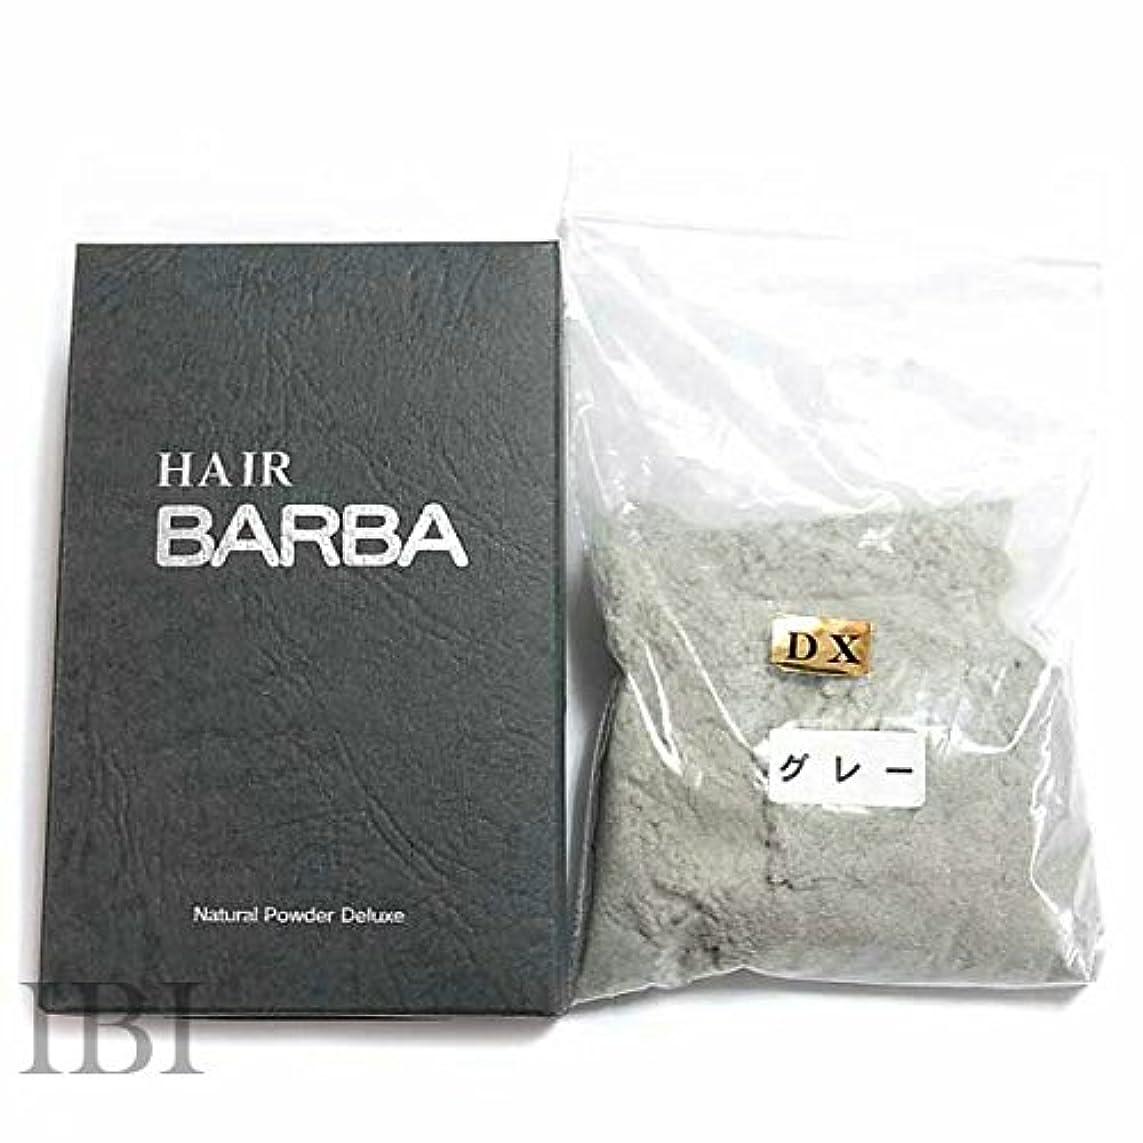 振動するまた明日ね作り上げるヘアバルバふりかけ式微髪毛 グレー【単品】薄毛解消